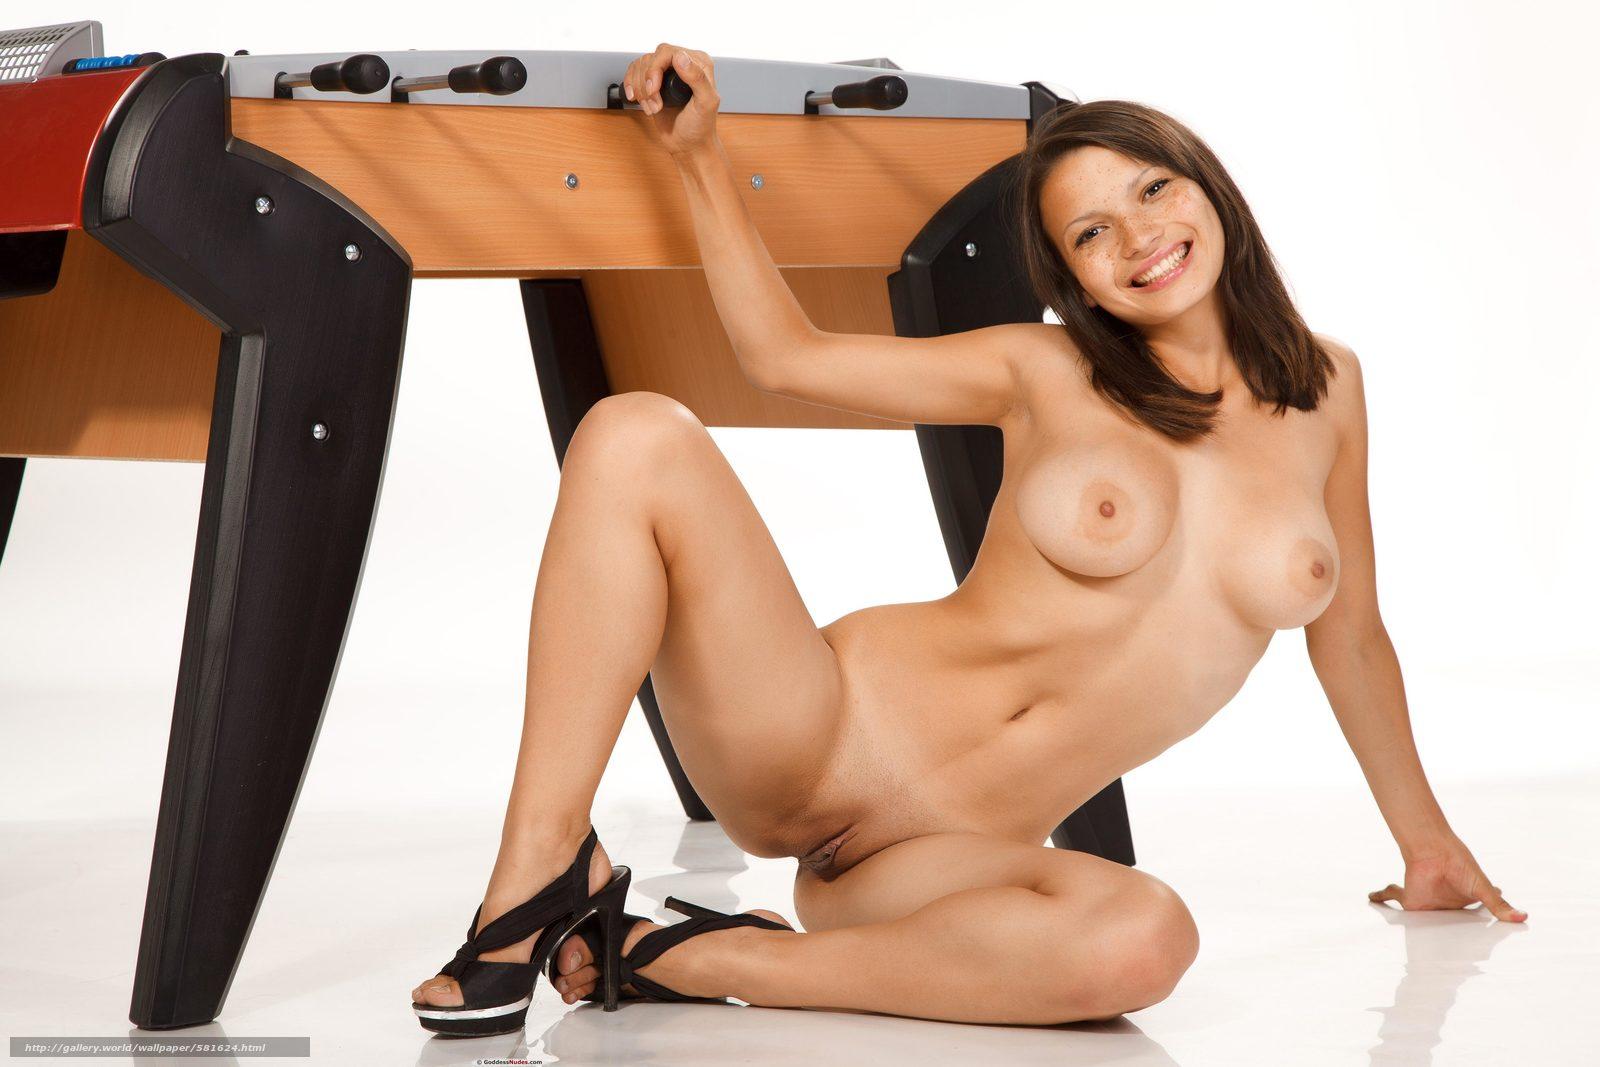 Katana naked fucking videos download xxx pic